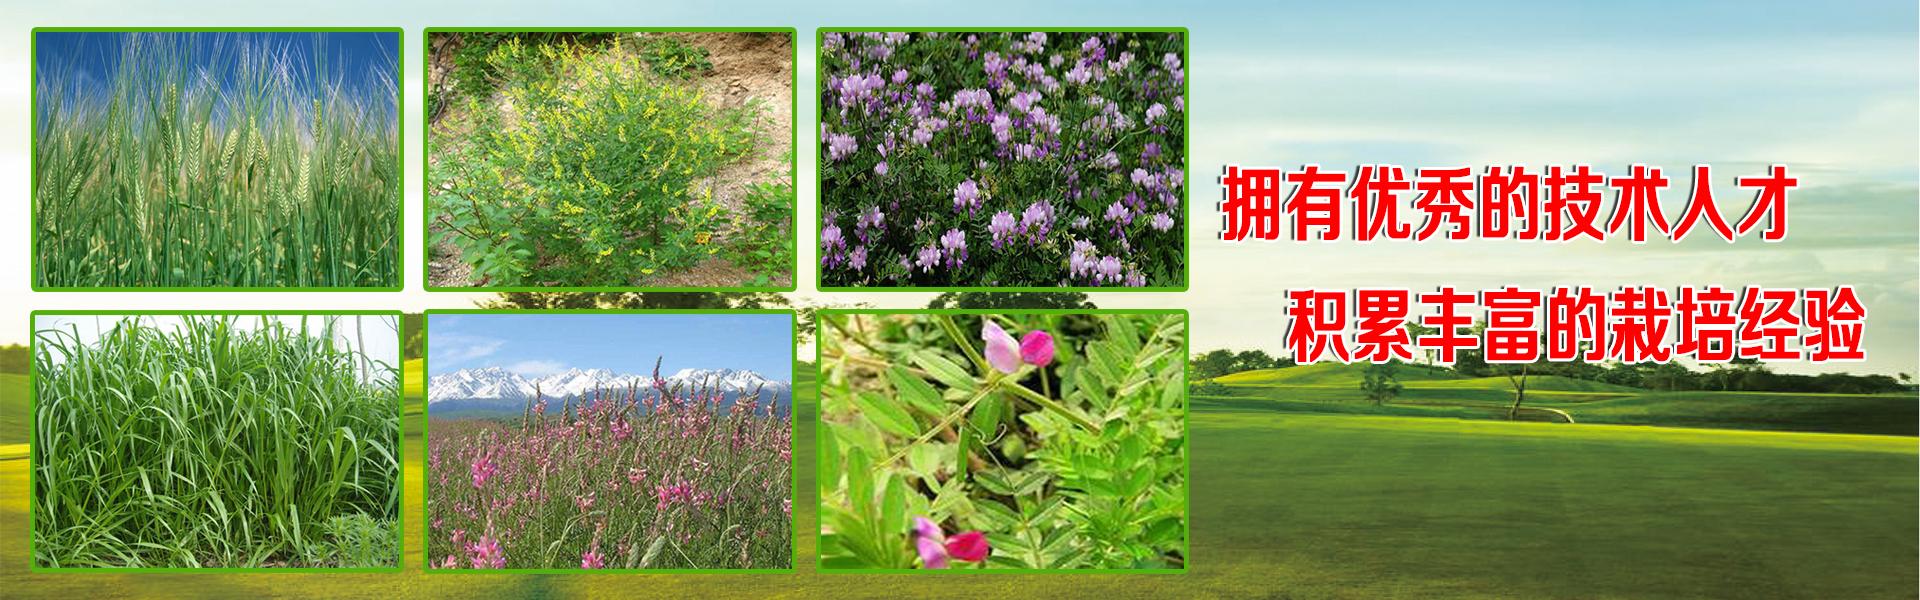 宁夏上谷农牧业开发有限公司(郭总:13995293493)是一家专业从事宁夏草坪花卉种子、林灌木种子、绿肥种子、牧草种子、沙生生态种子的生产加工销售以及人工草地建设、生态植被恢复等工程的生态科技企业。